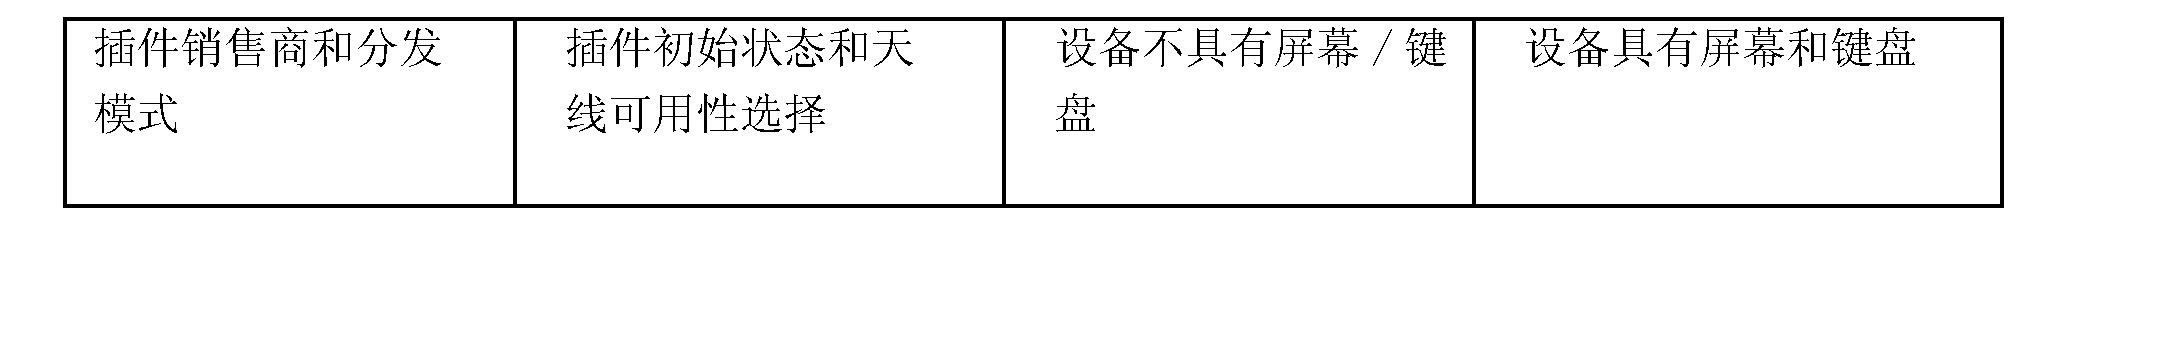 Figure CN101809633BD00201